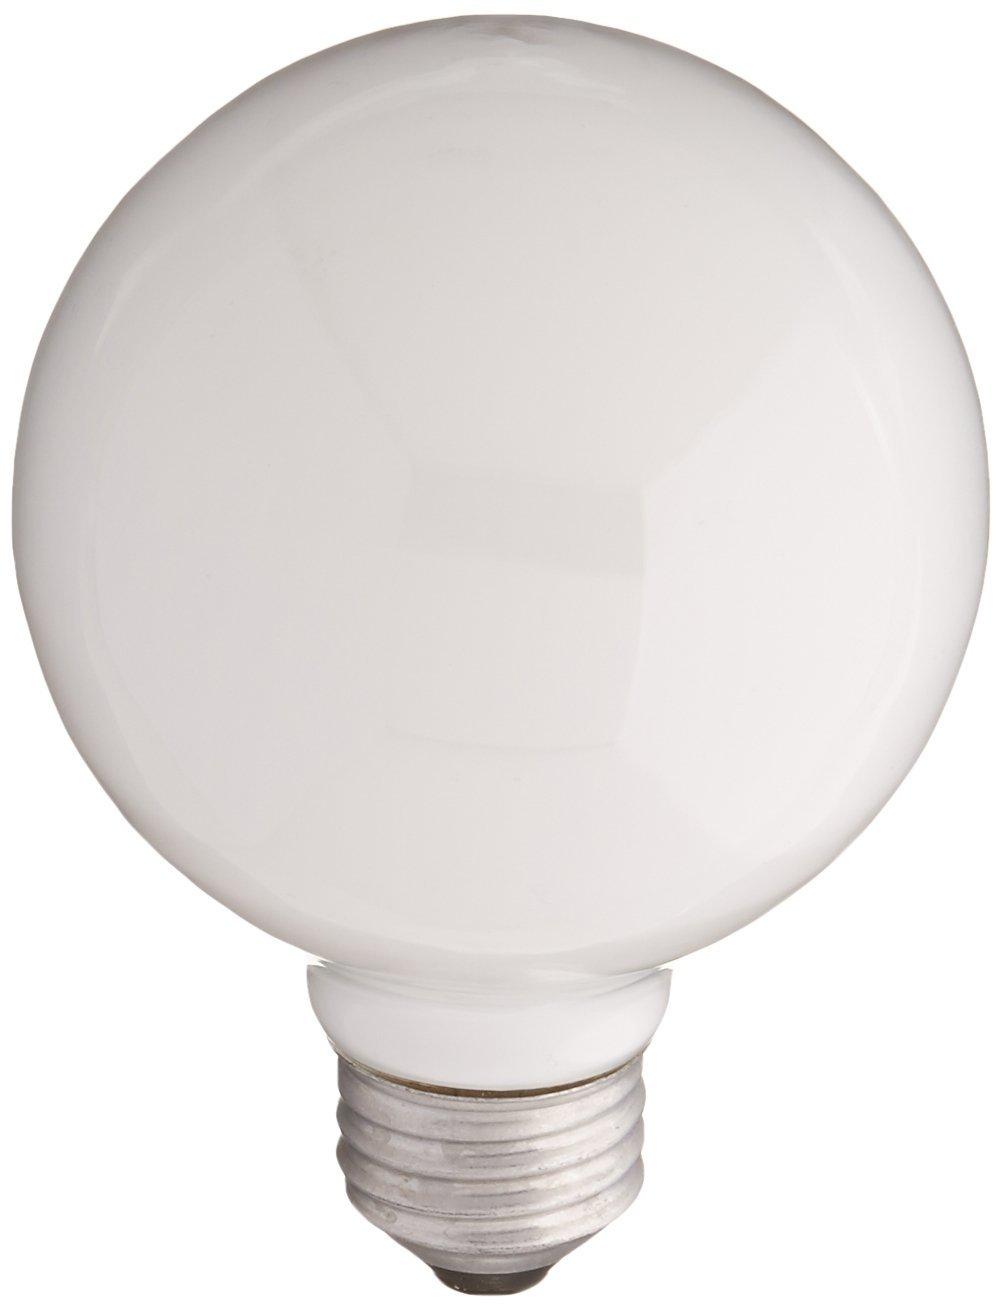 Sylvania Lighting 60W/WHITE/G25 White Globe Light Bulb 60watt(pack of 6)